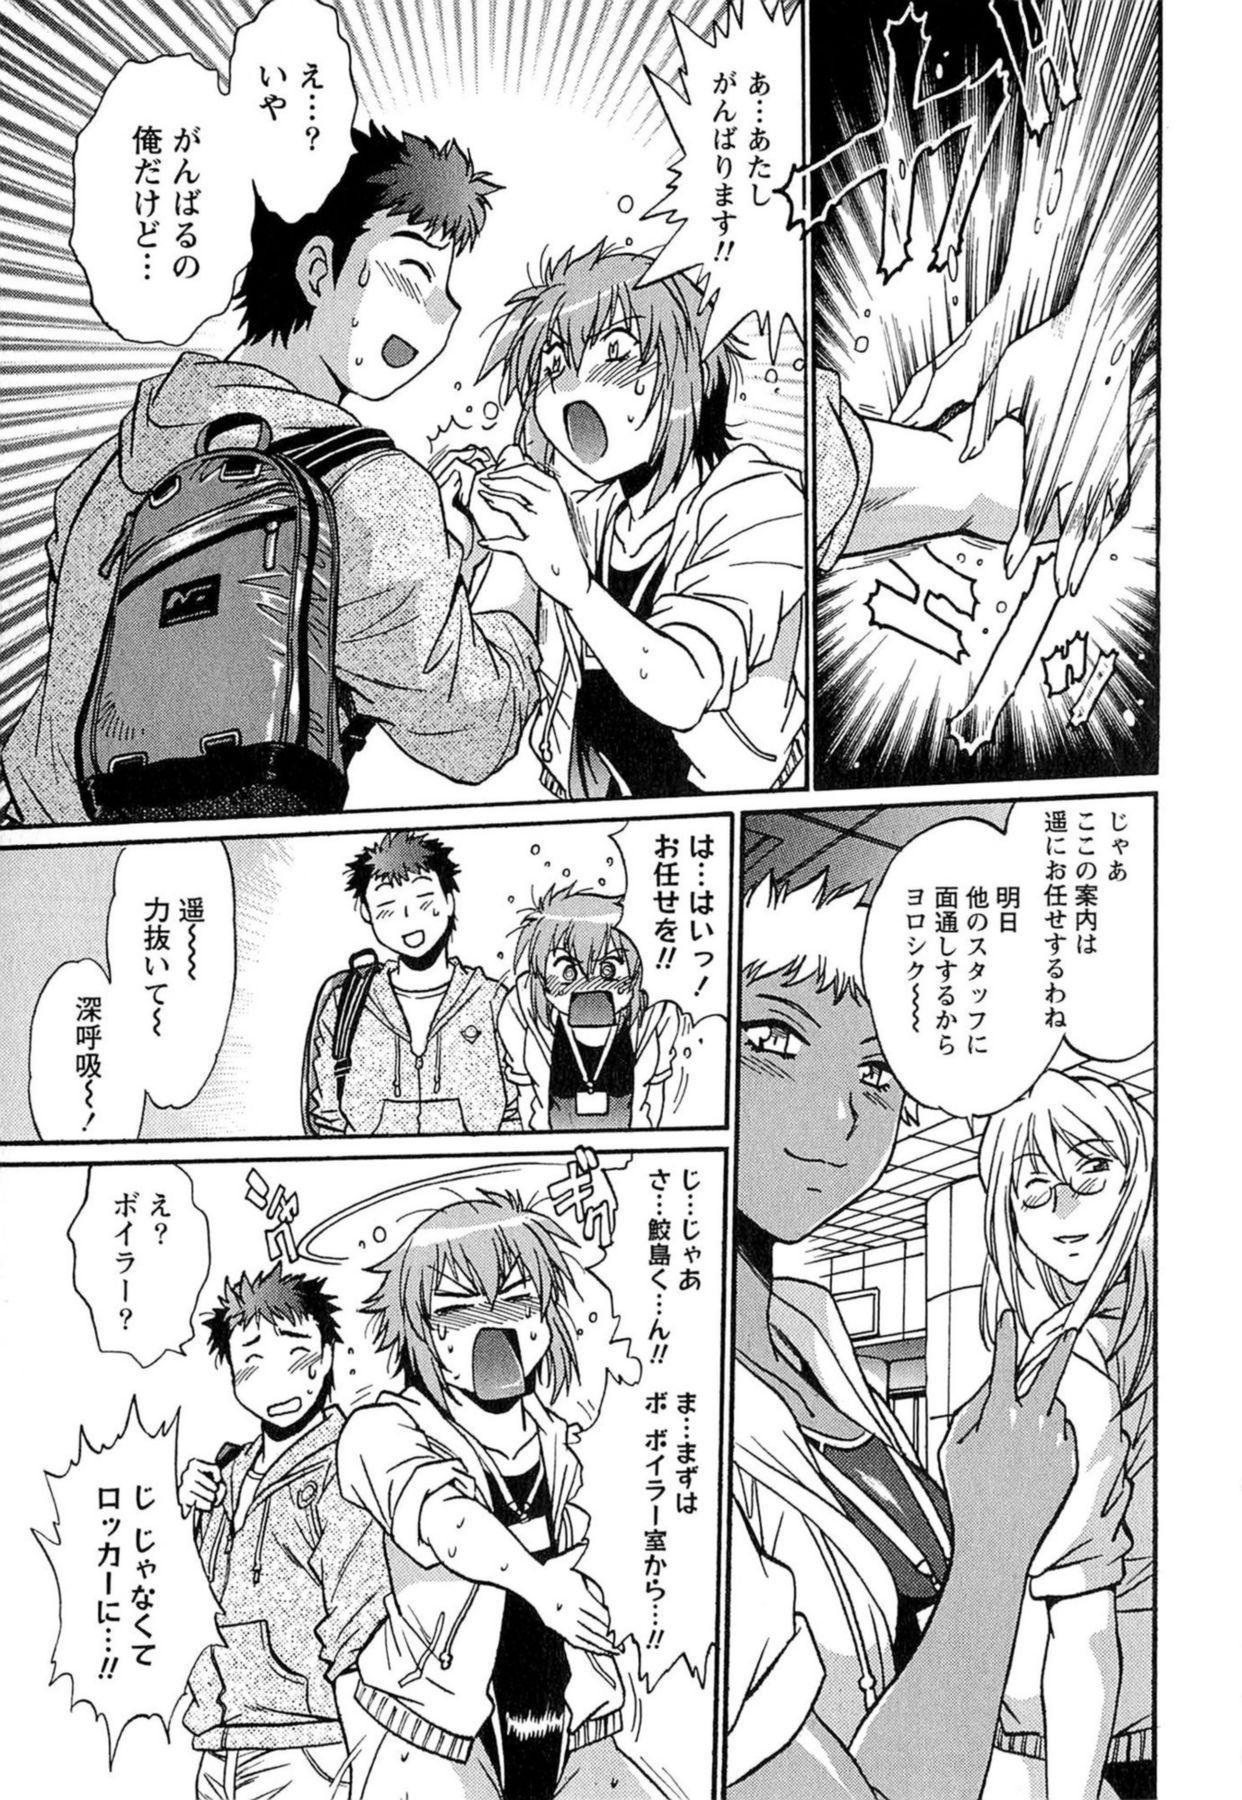 Kuikomi wo Naoshiteru Hima wa Nai! Vol. 1 15